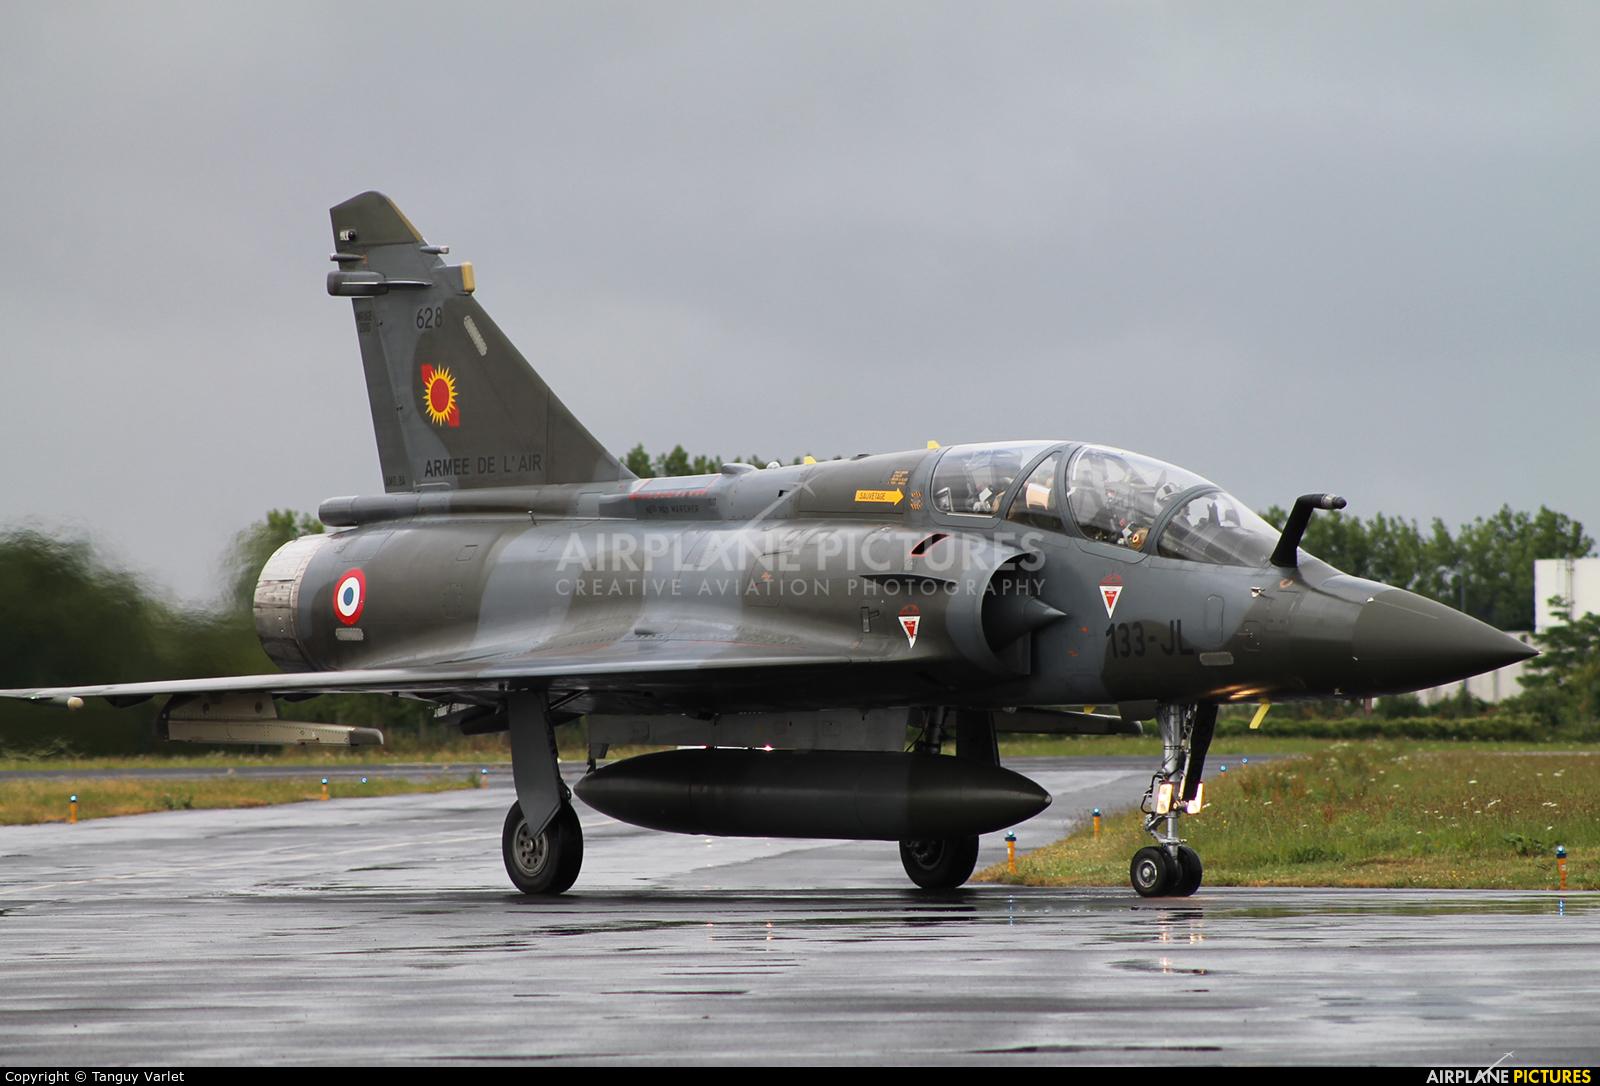 France - Air Force 133-JL aircraft at Valenciennes - Denain